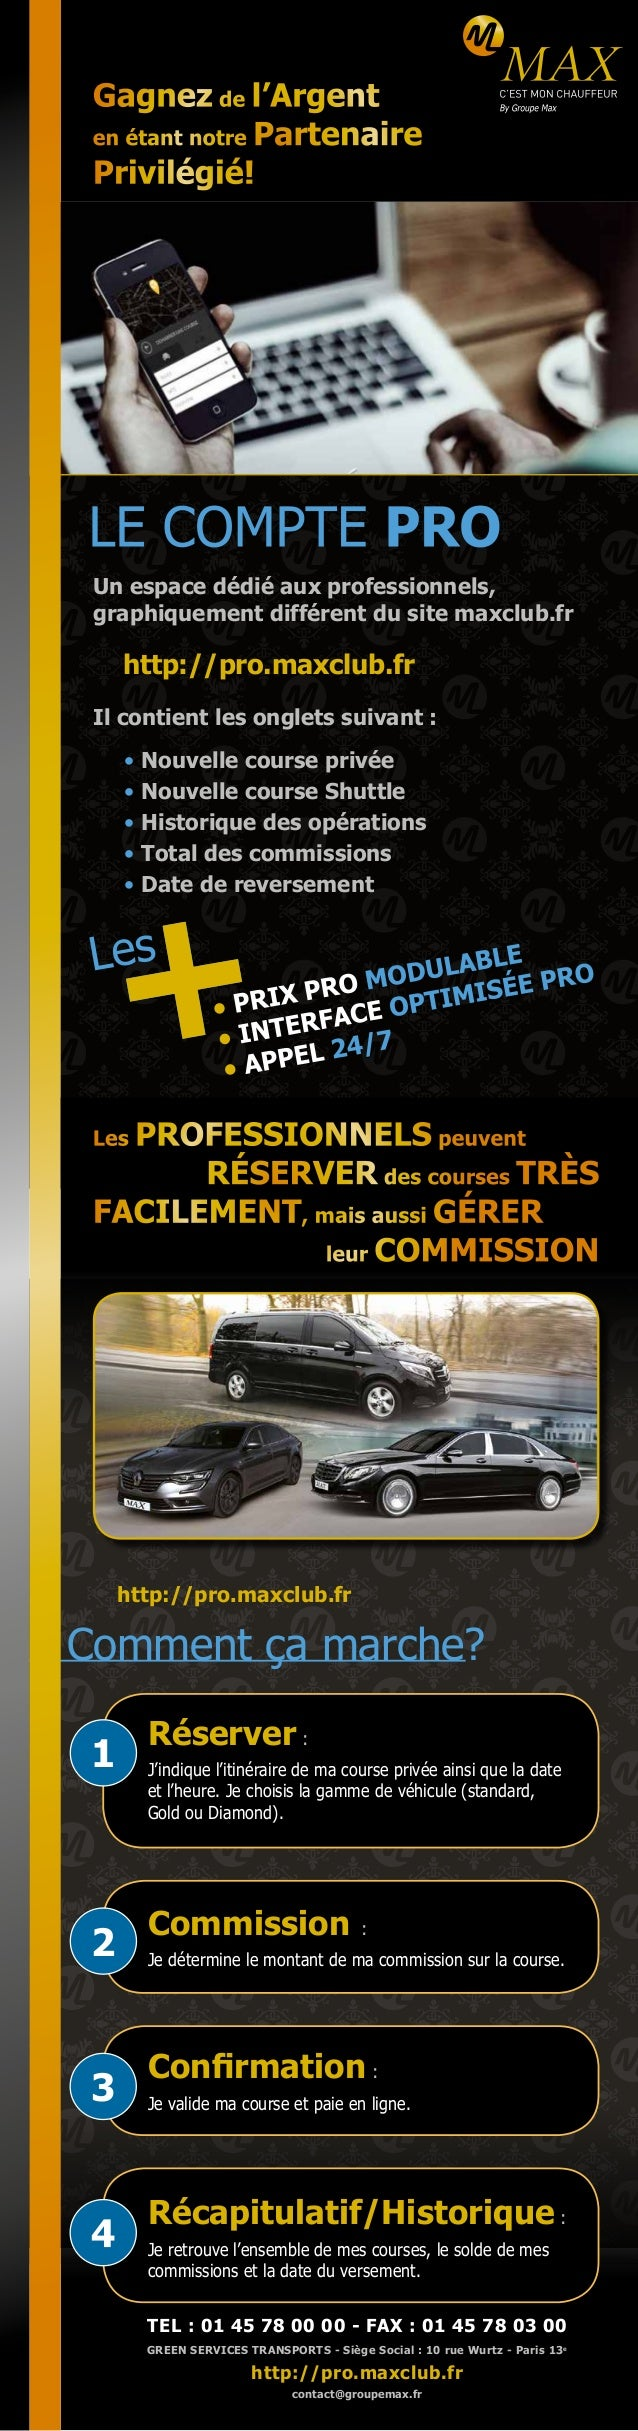 http://pro.maxclub.fr Gagnez de l'Argent en étant notre Partenaire Privilégié! Un espace dédié aux professionnels, graphiq...